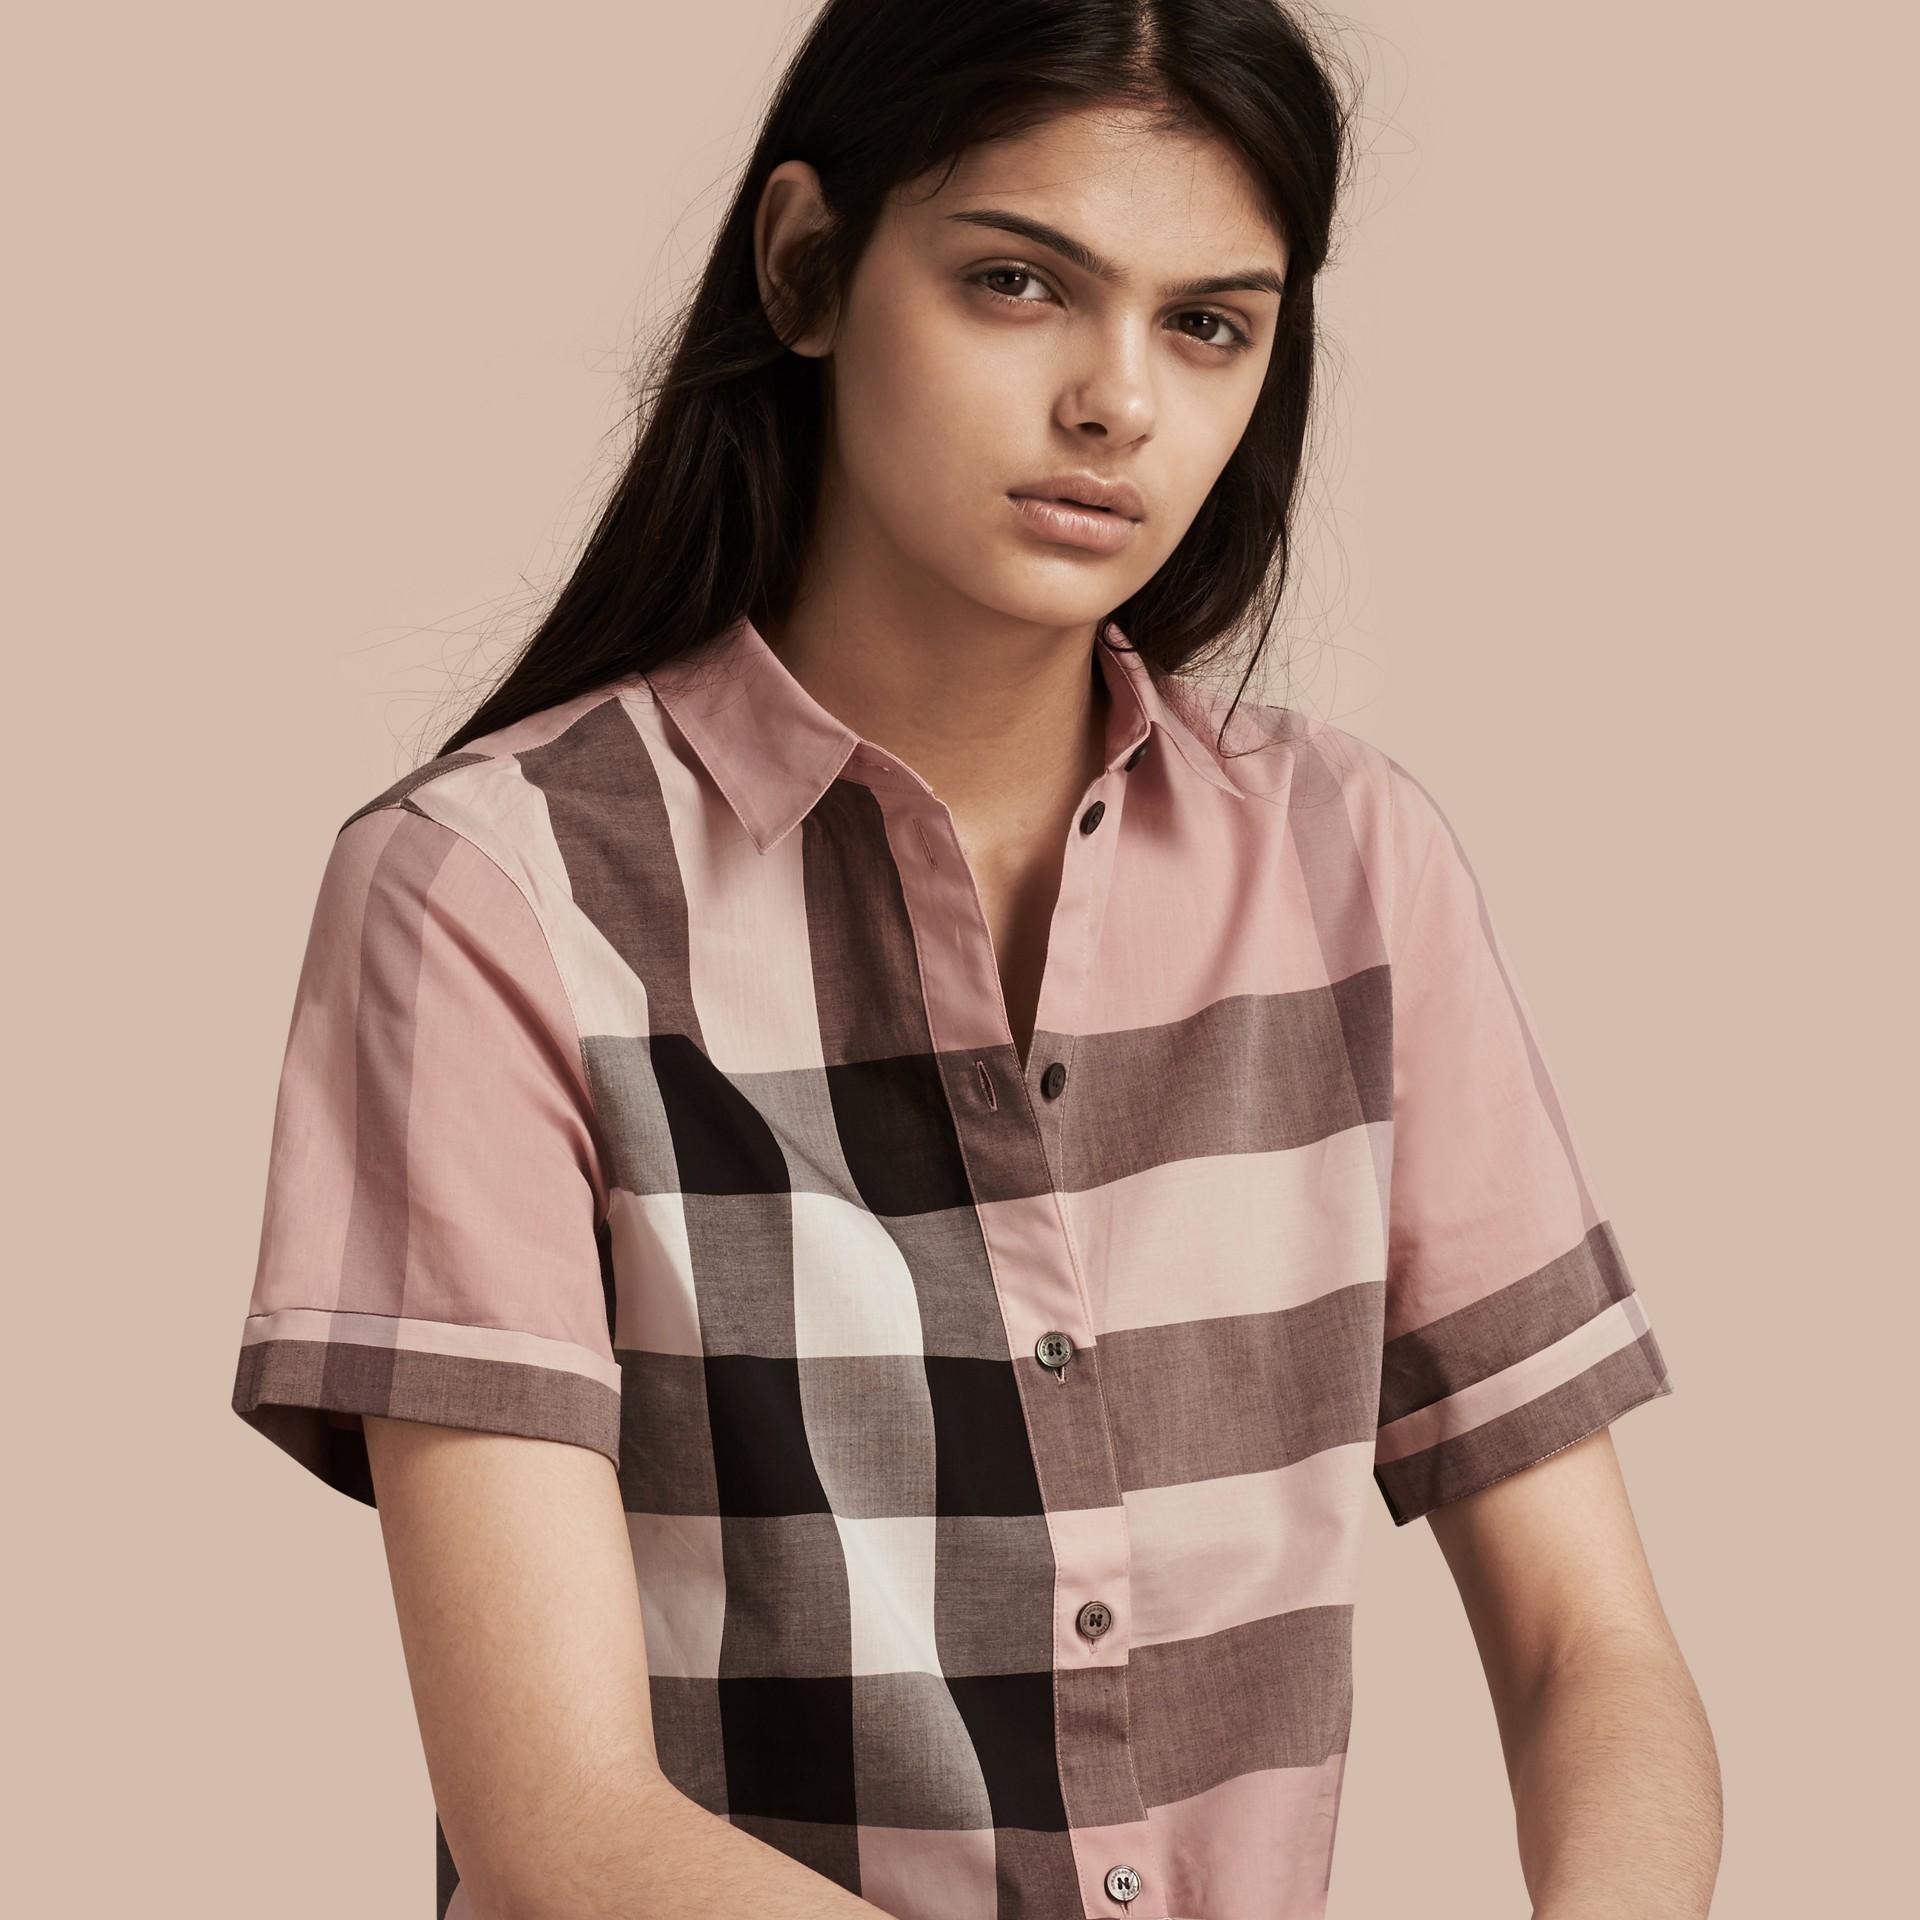 Rosa antico Camicia a maniche corte in cotone con motivo check Rosa Antico - immagine della galleria 1